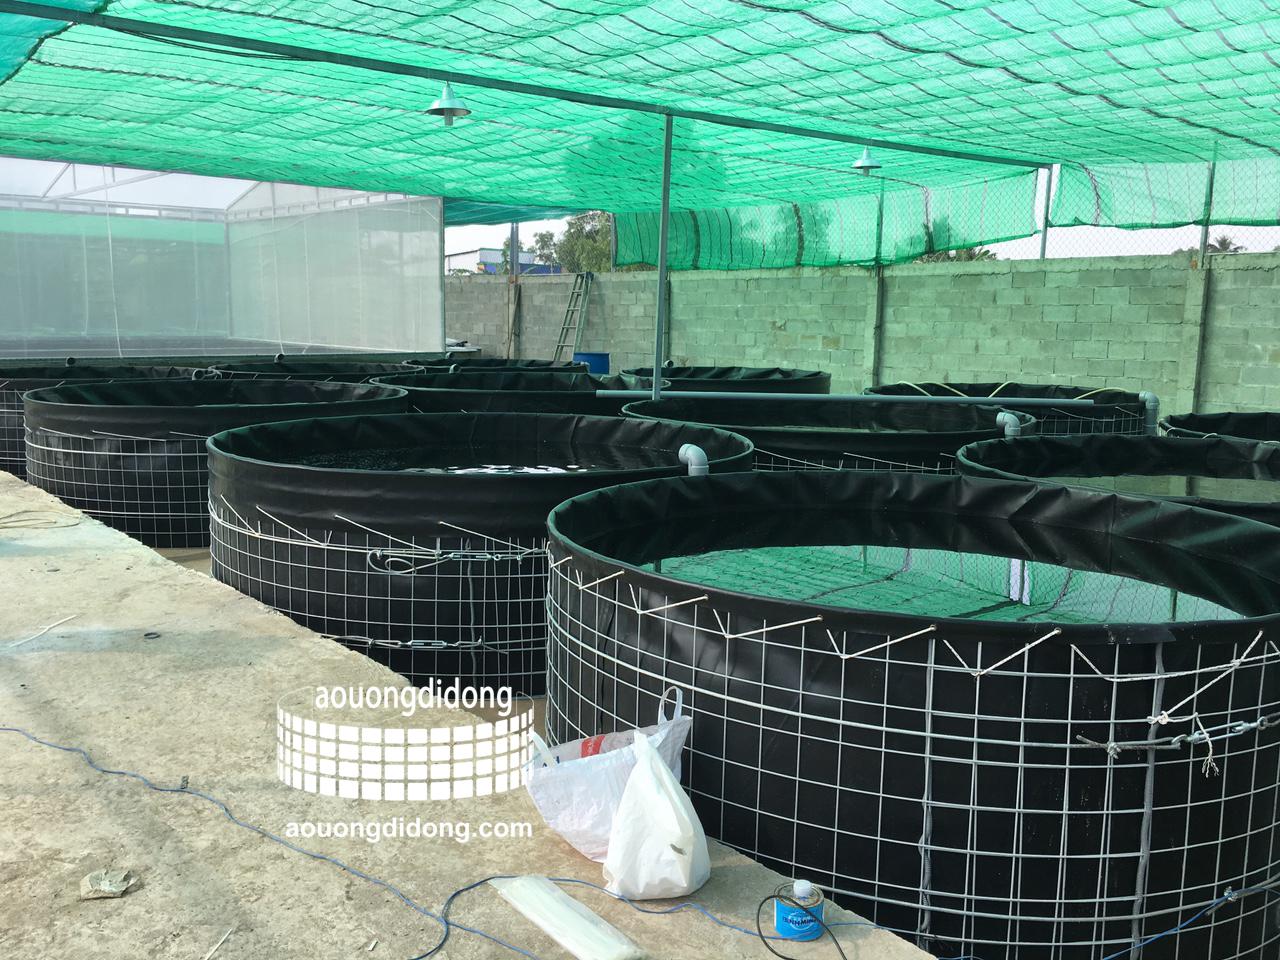 Kỹ thuật nuôi lươn không bùn